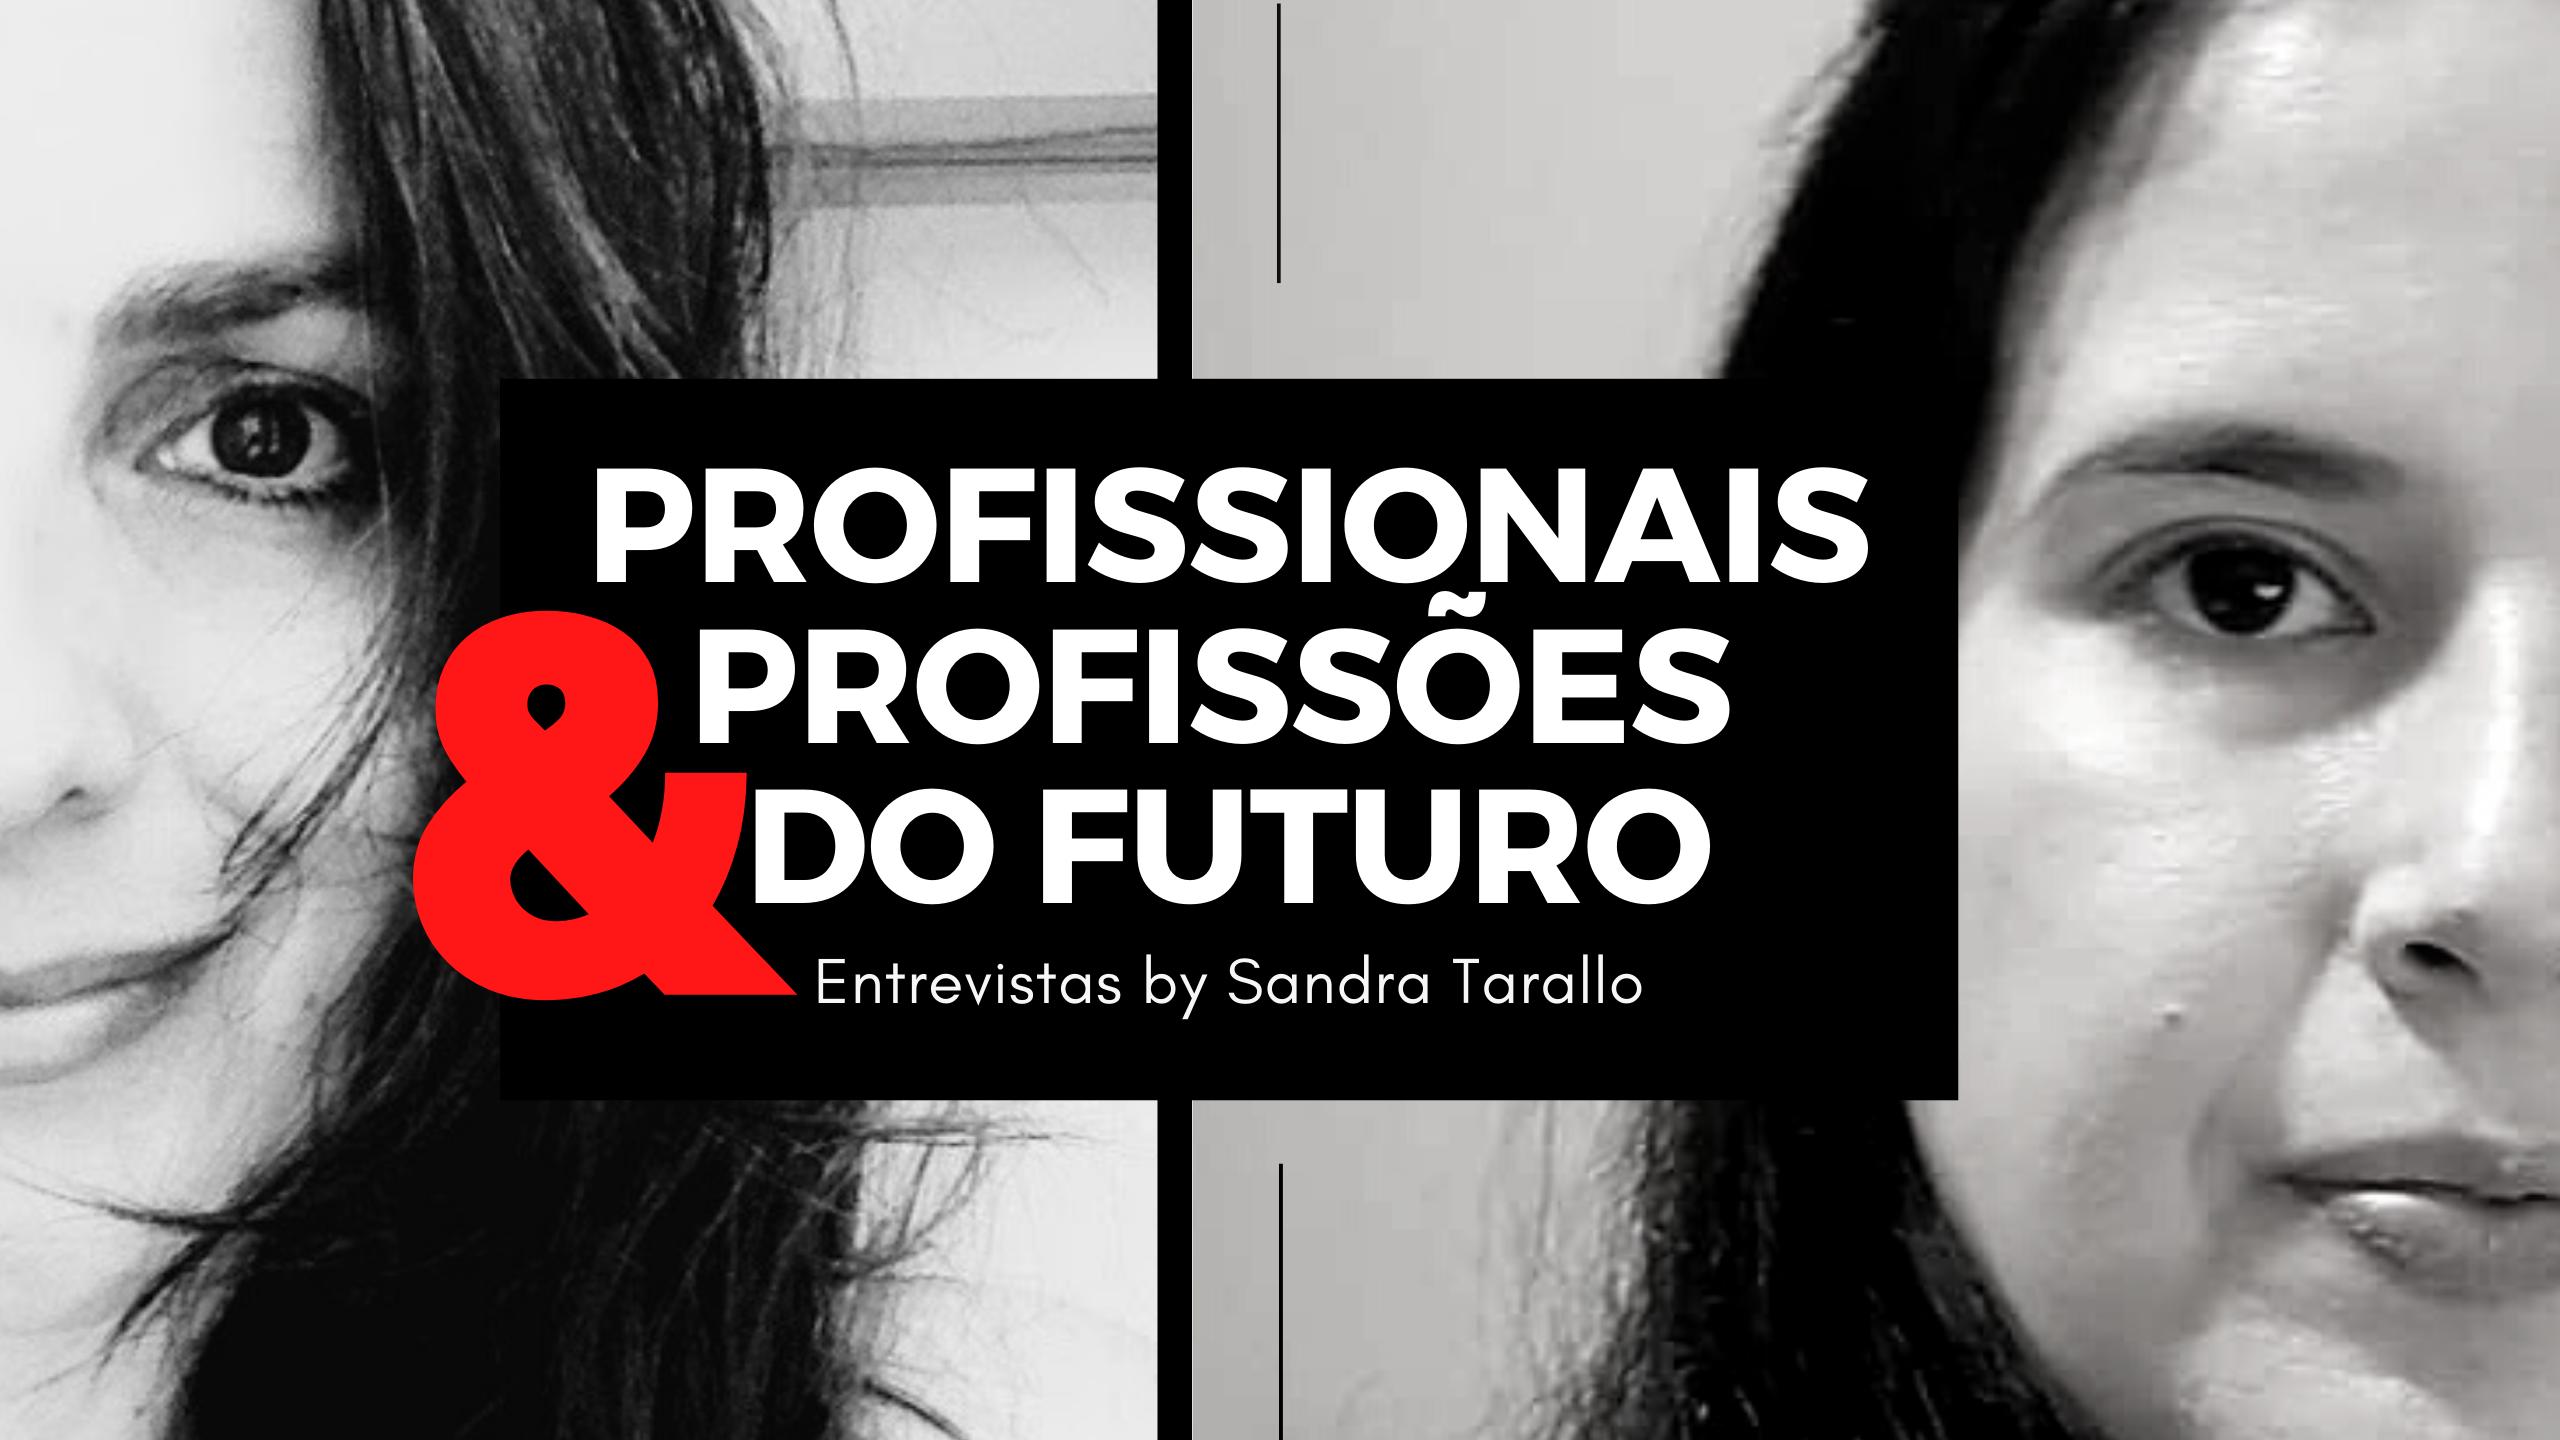 Profissionais Profissões do futuro - Blog